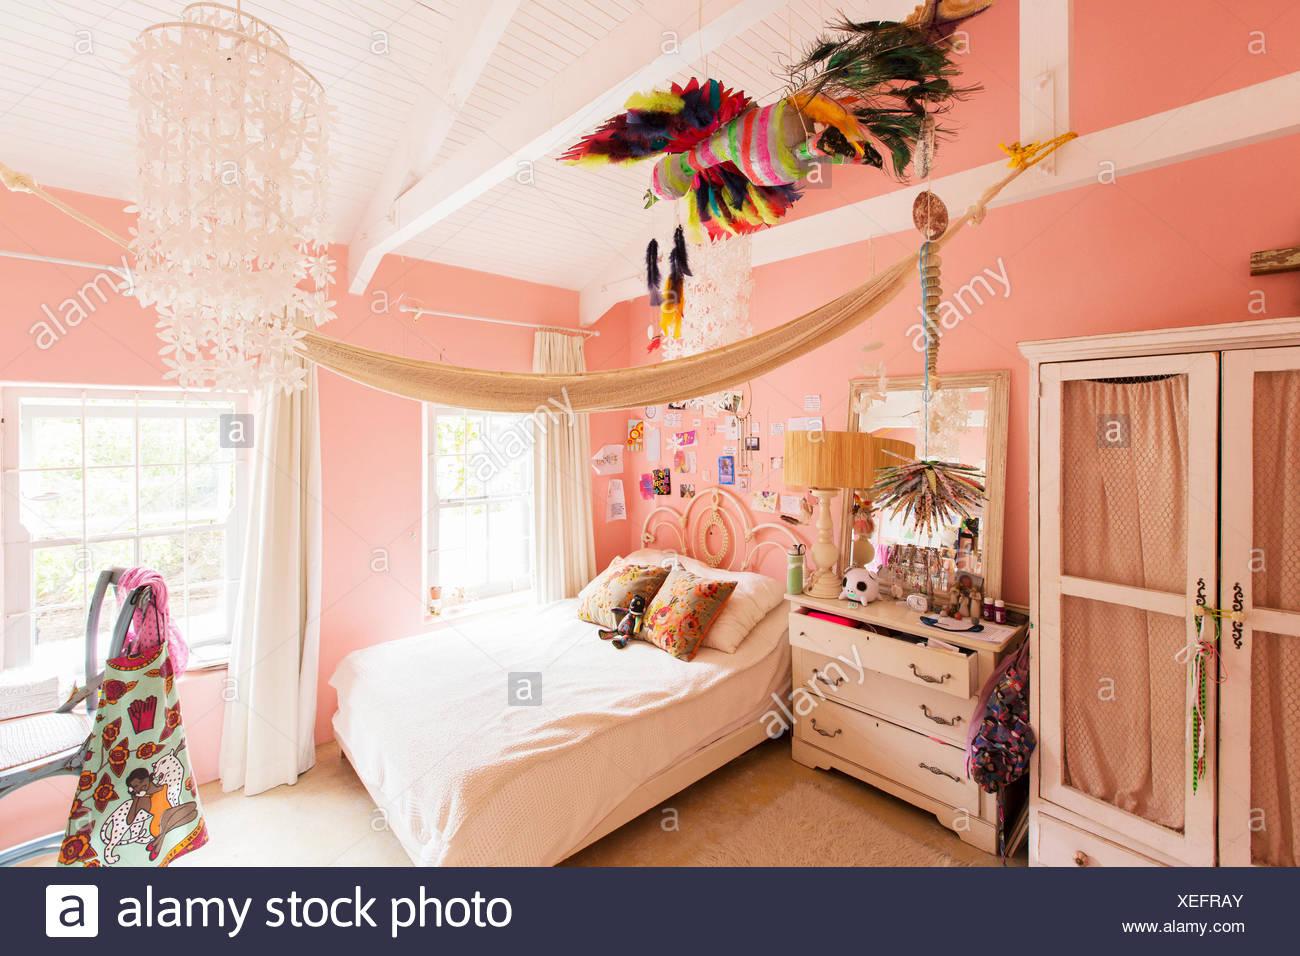 Décorations dans la chambre de maison rustique Photo Stock